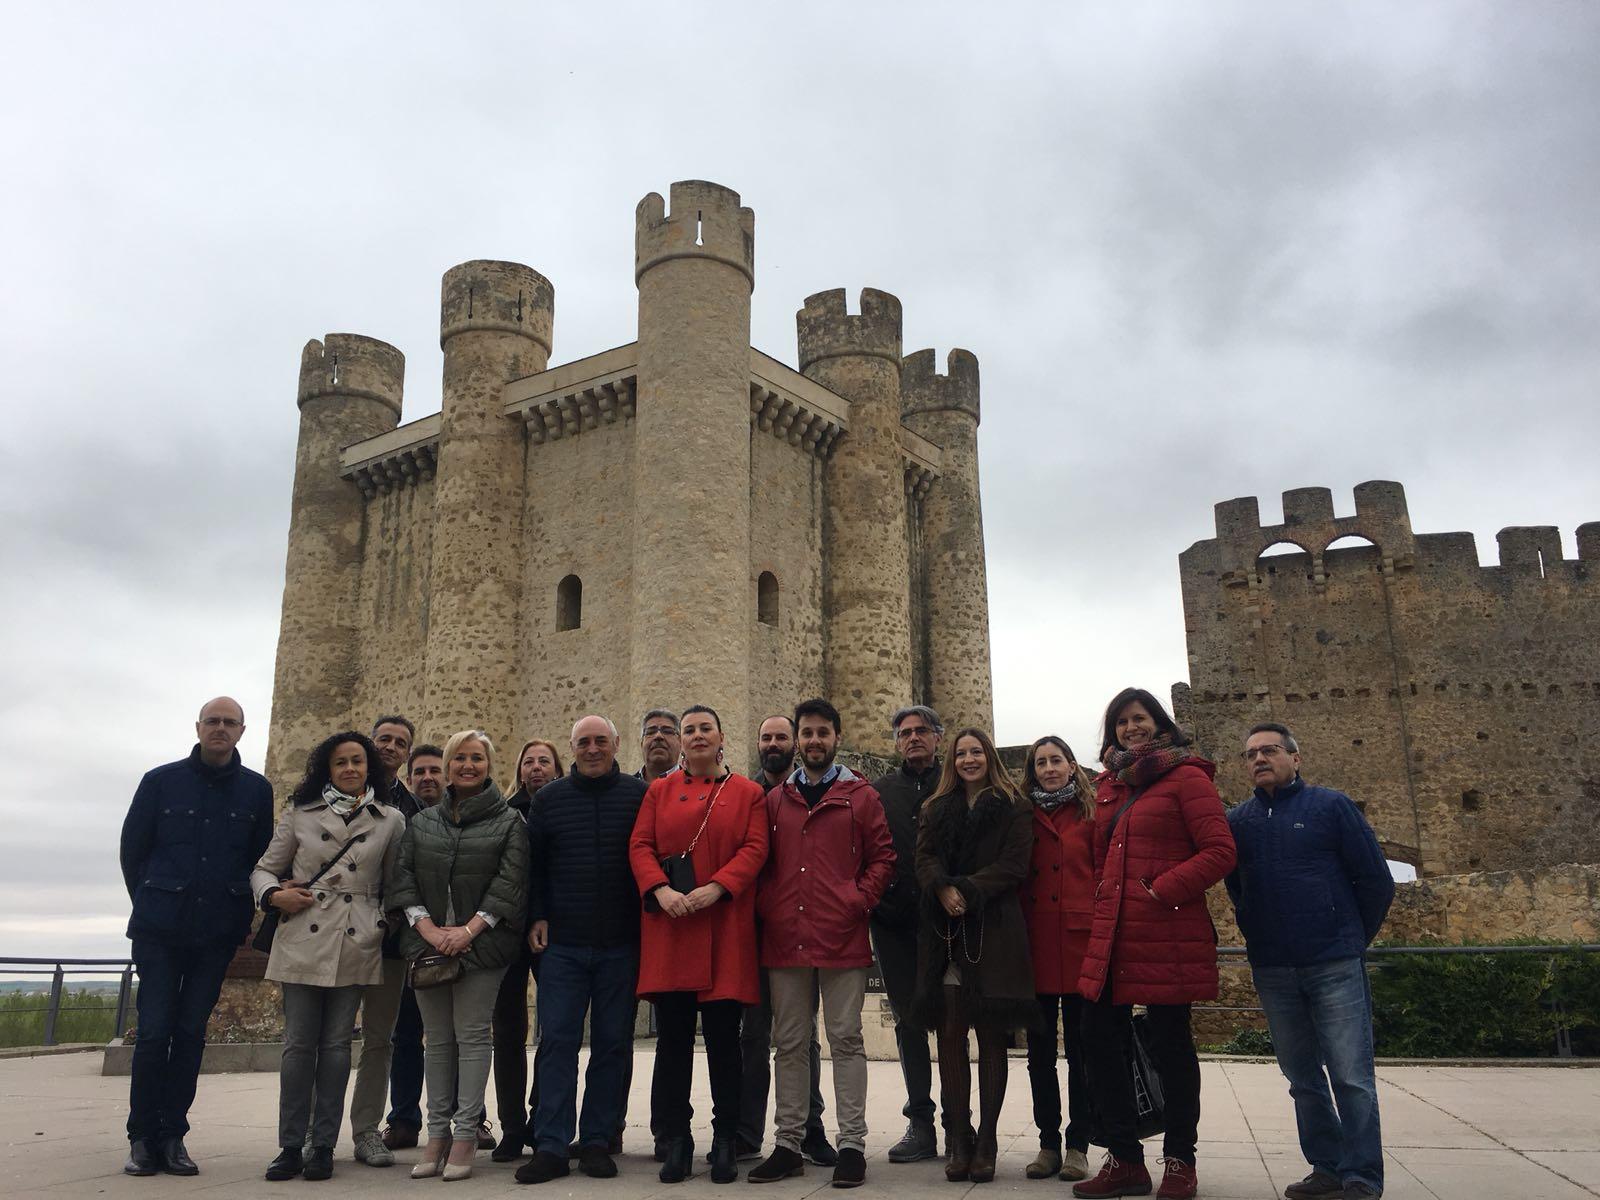 Enoarq Castillo Valencia de Don Juan